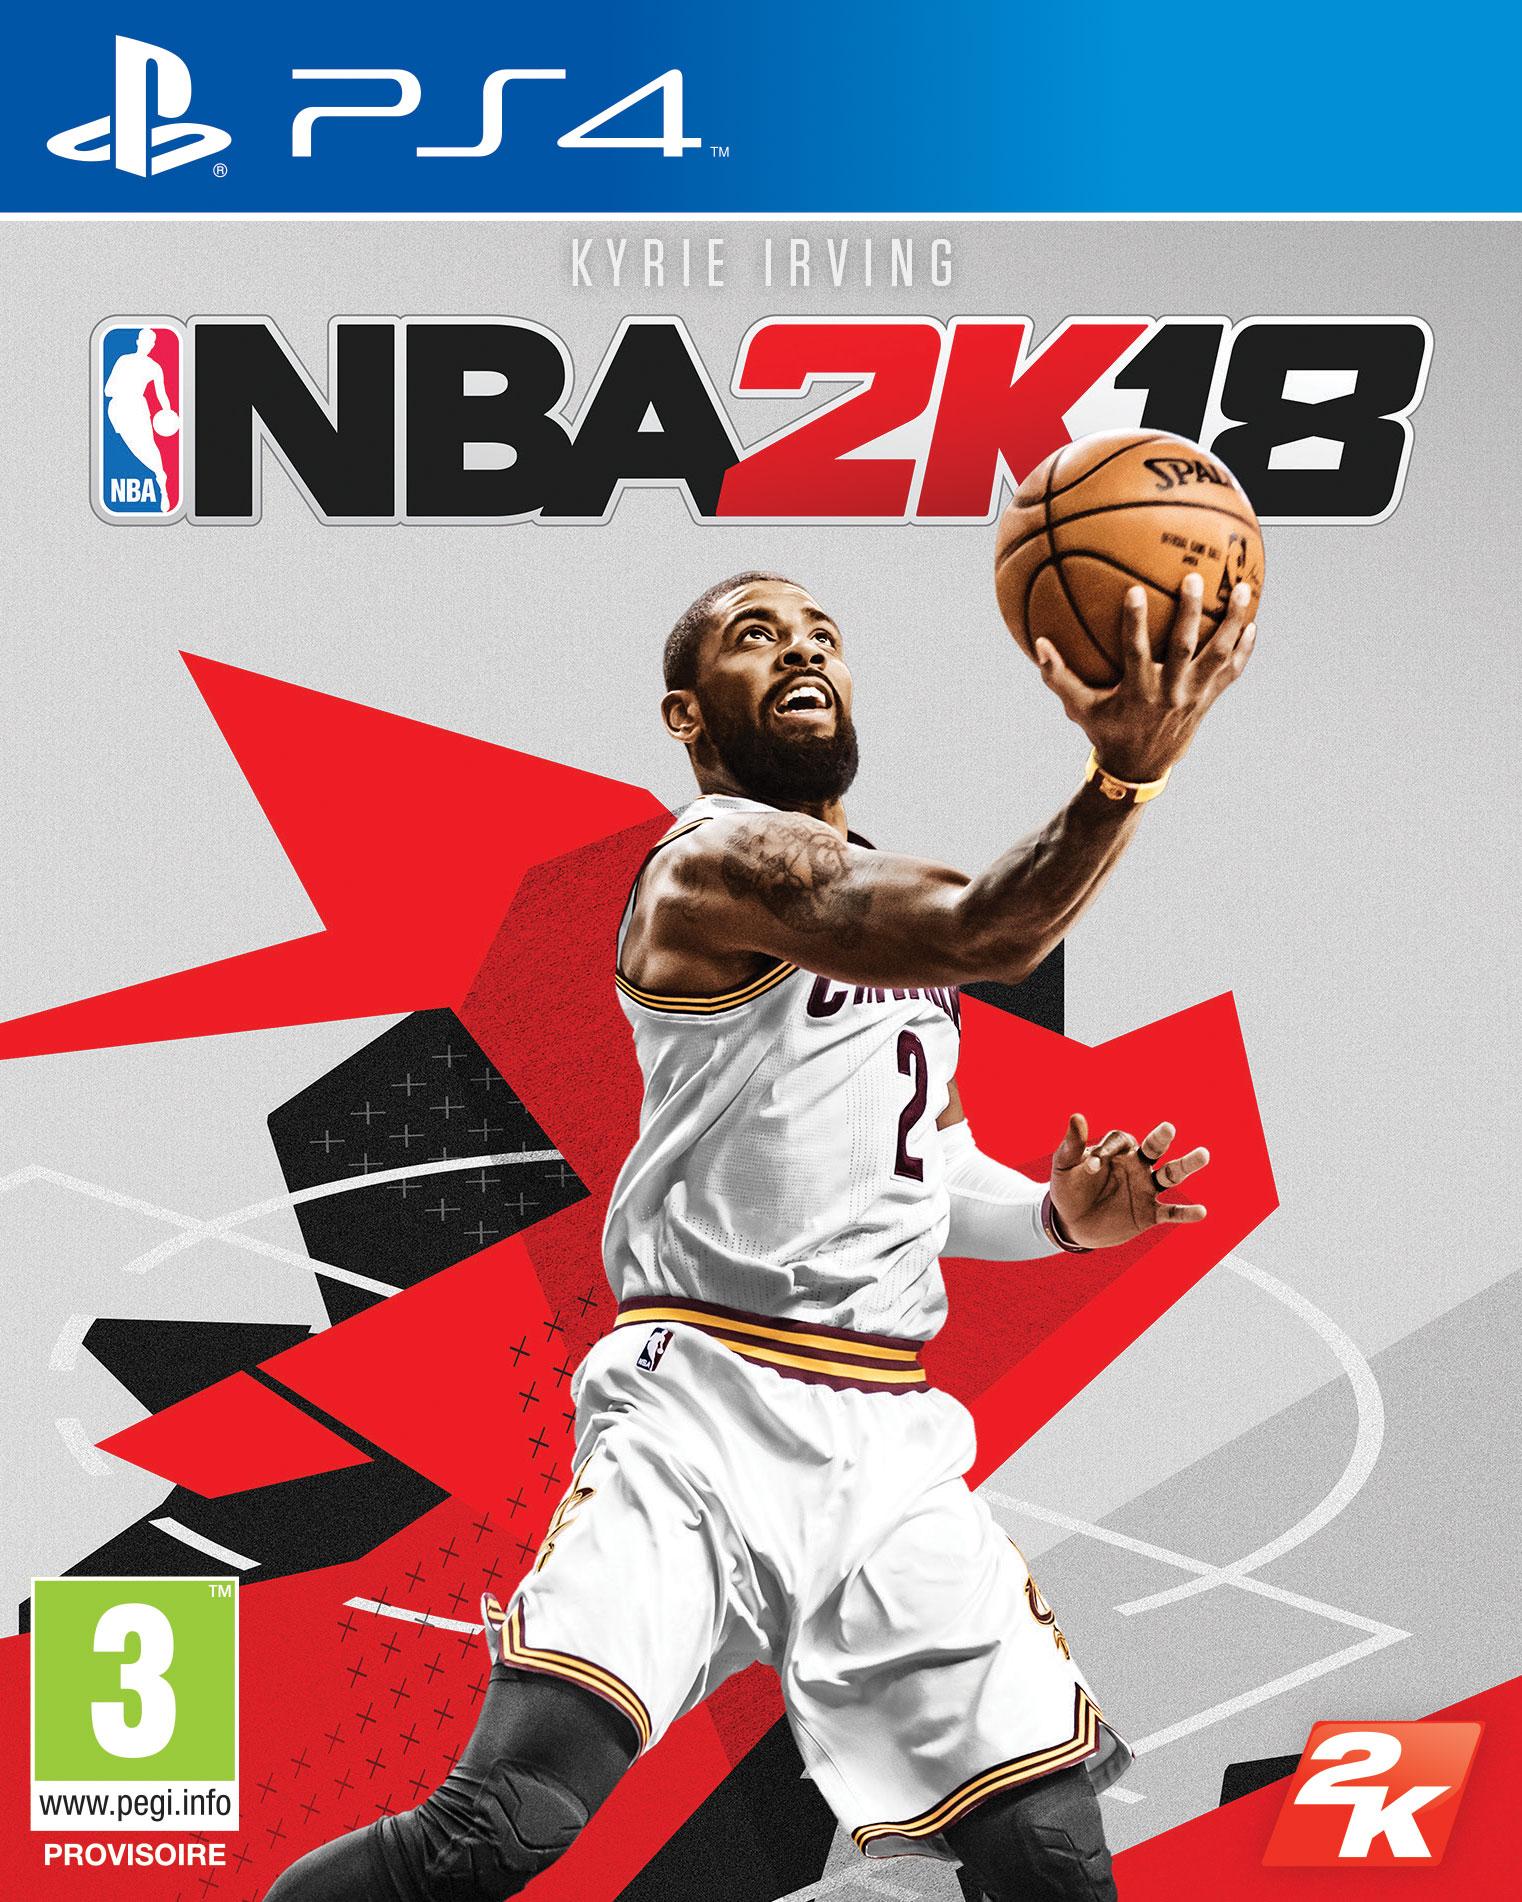 Kyrie Irving en couverture de NBA 2K18 !